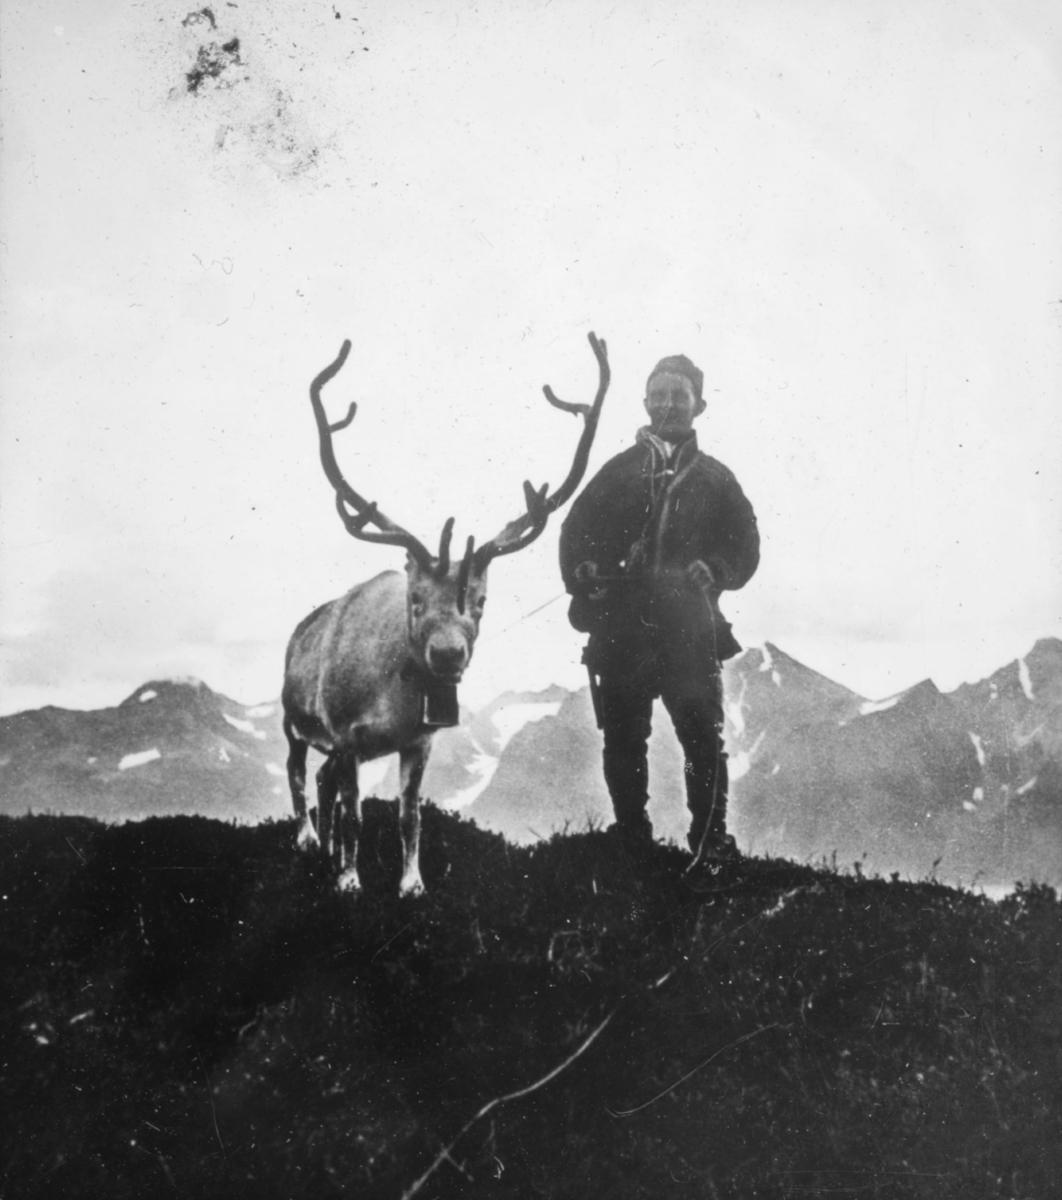 Portrett av samisk mann med reinsdyr. Bildet viser en same som står på en bakketopp og holder et reinsdyr i tau. I bakgrunnen kan man se en fjellkjede. Mannen er kledd i samisk kofte. Reinsdyret har gevir på hodet og en bjelle rundt halsen.